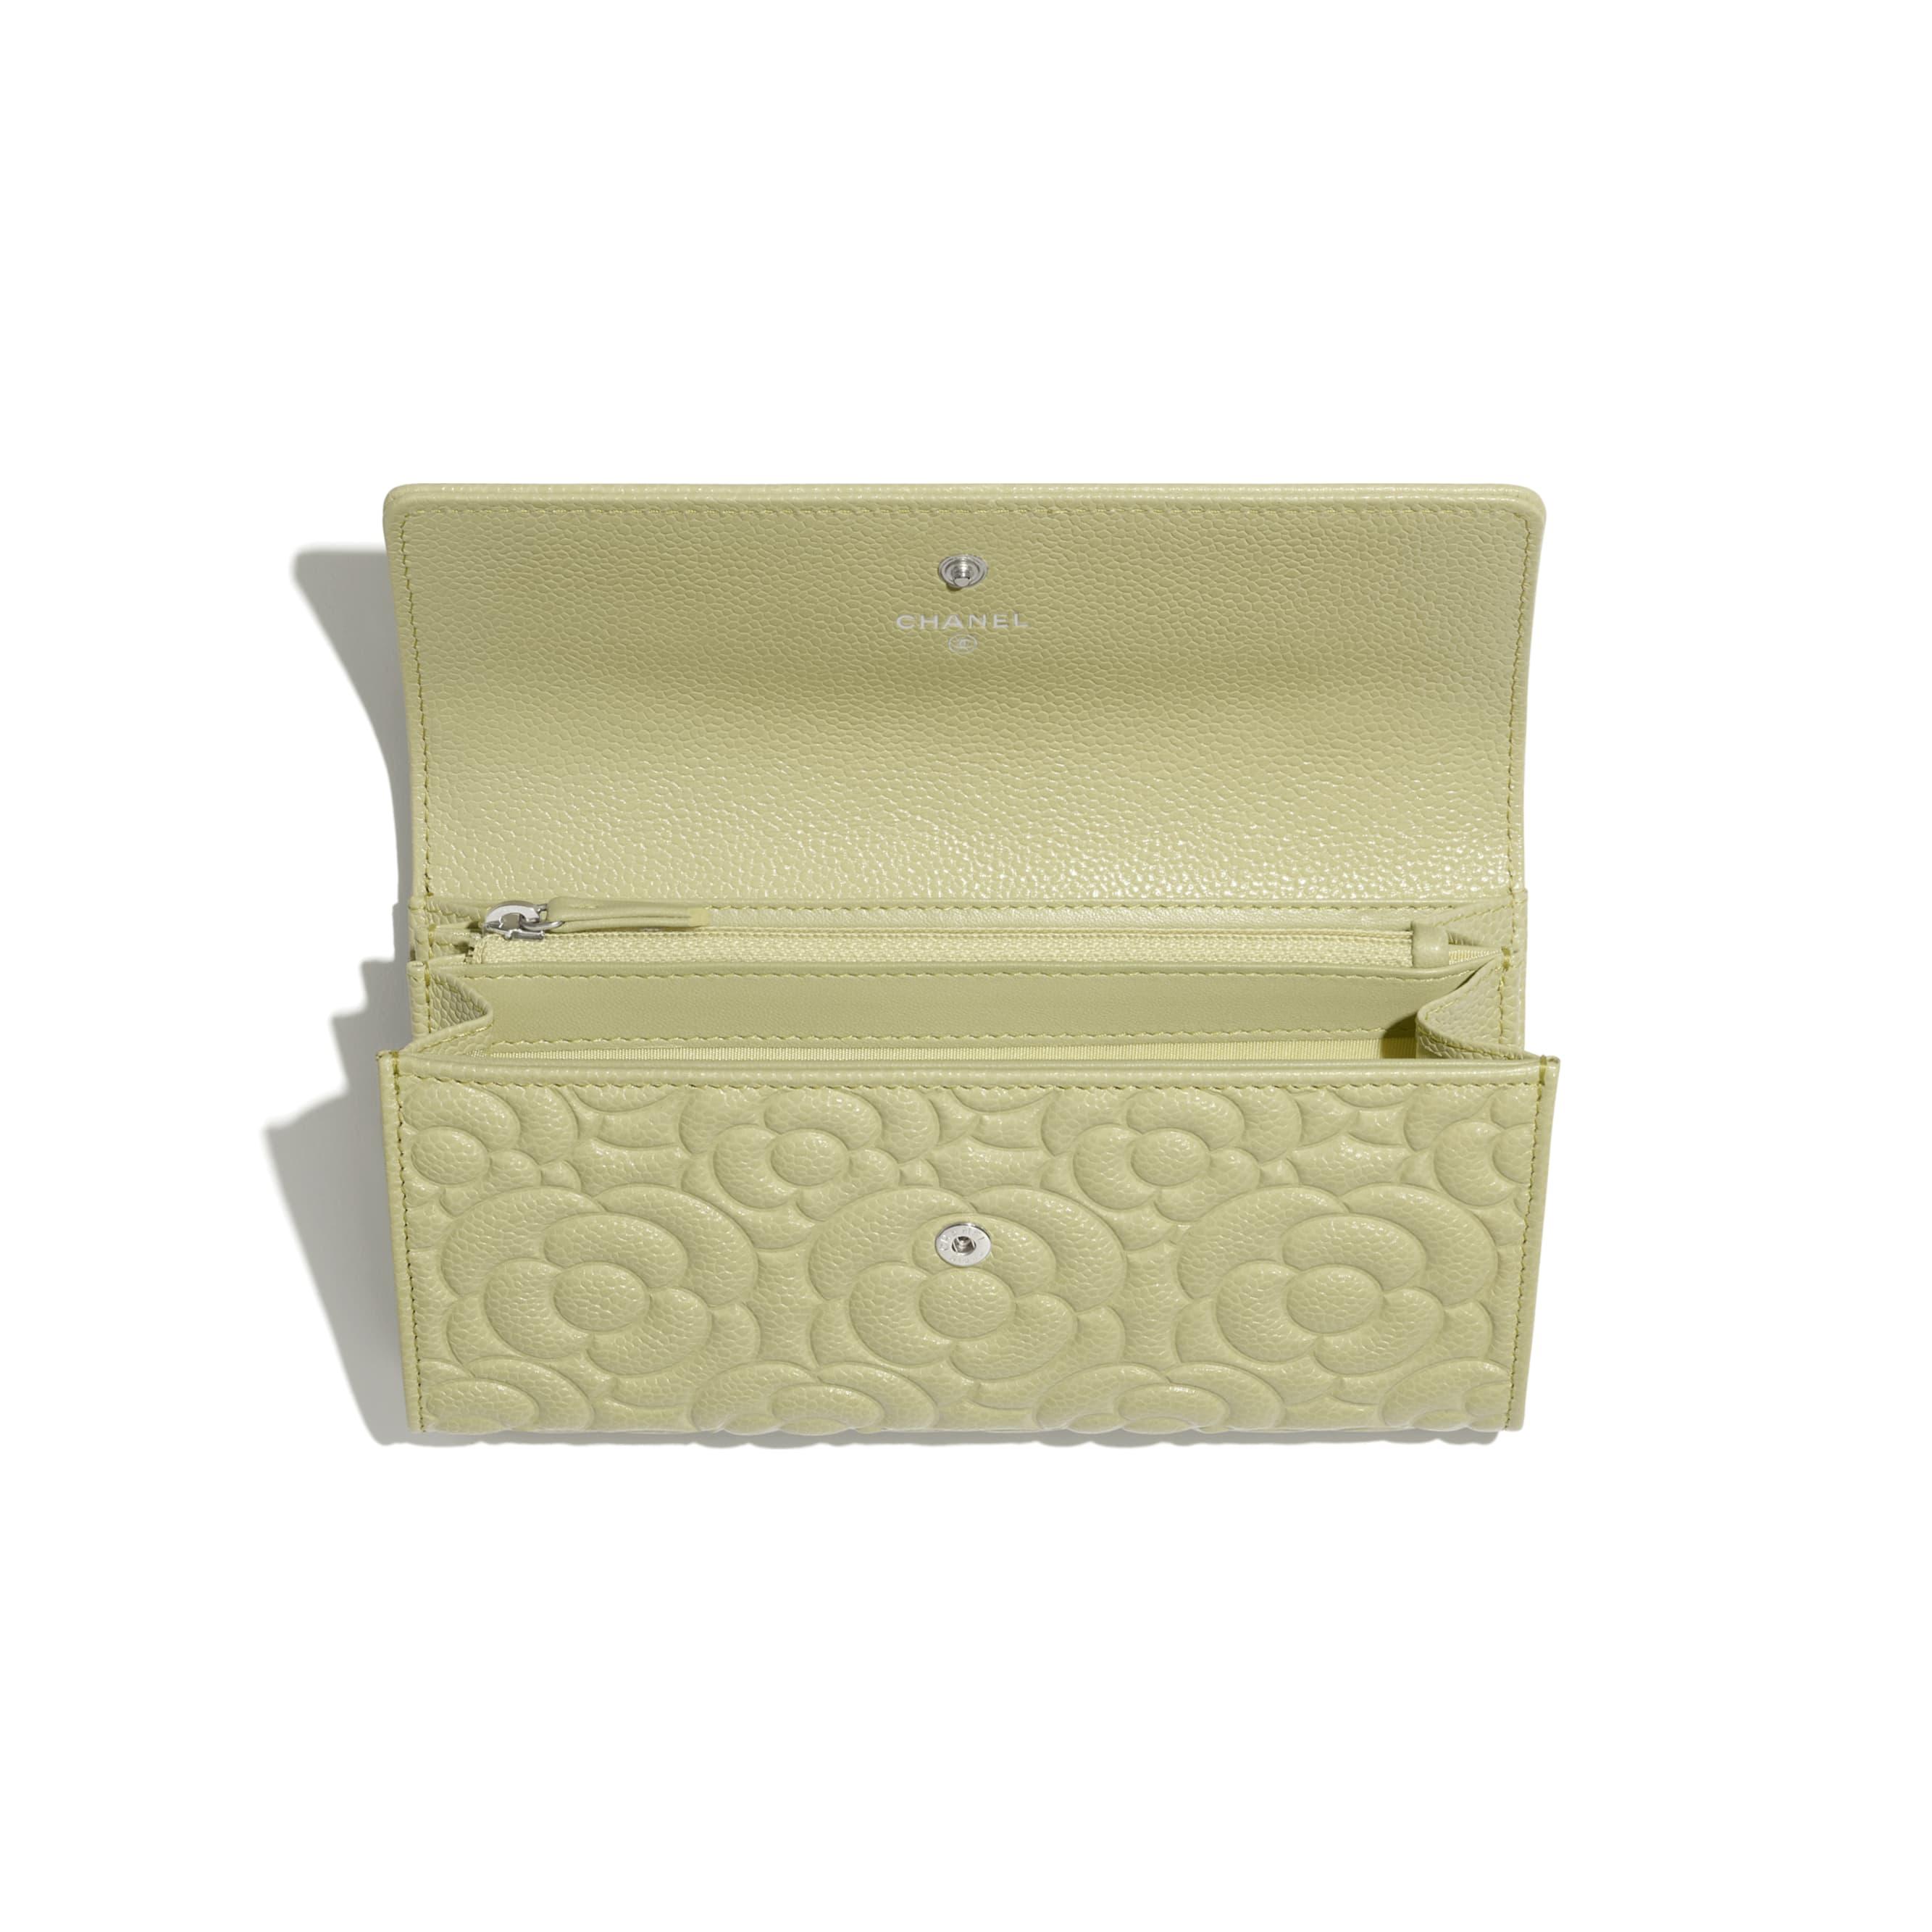 Long portefeuille à rabat - Vert - Veau grainé & métal argenté - CHANEL - Autre vue - voir la version taille standard